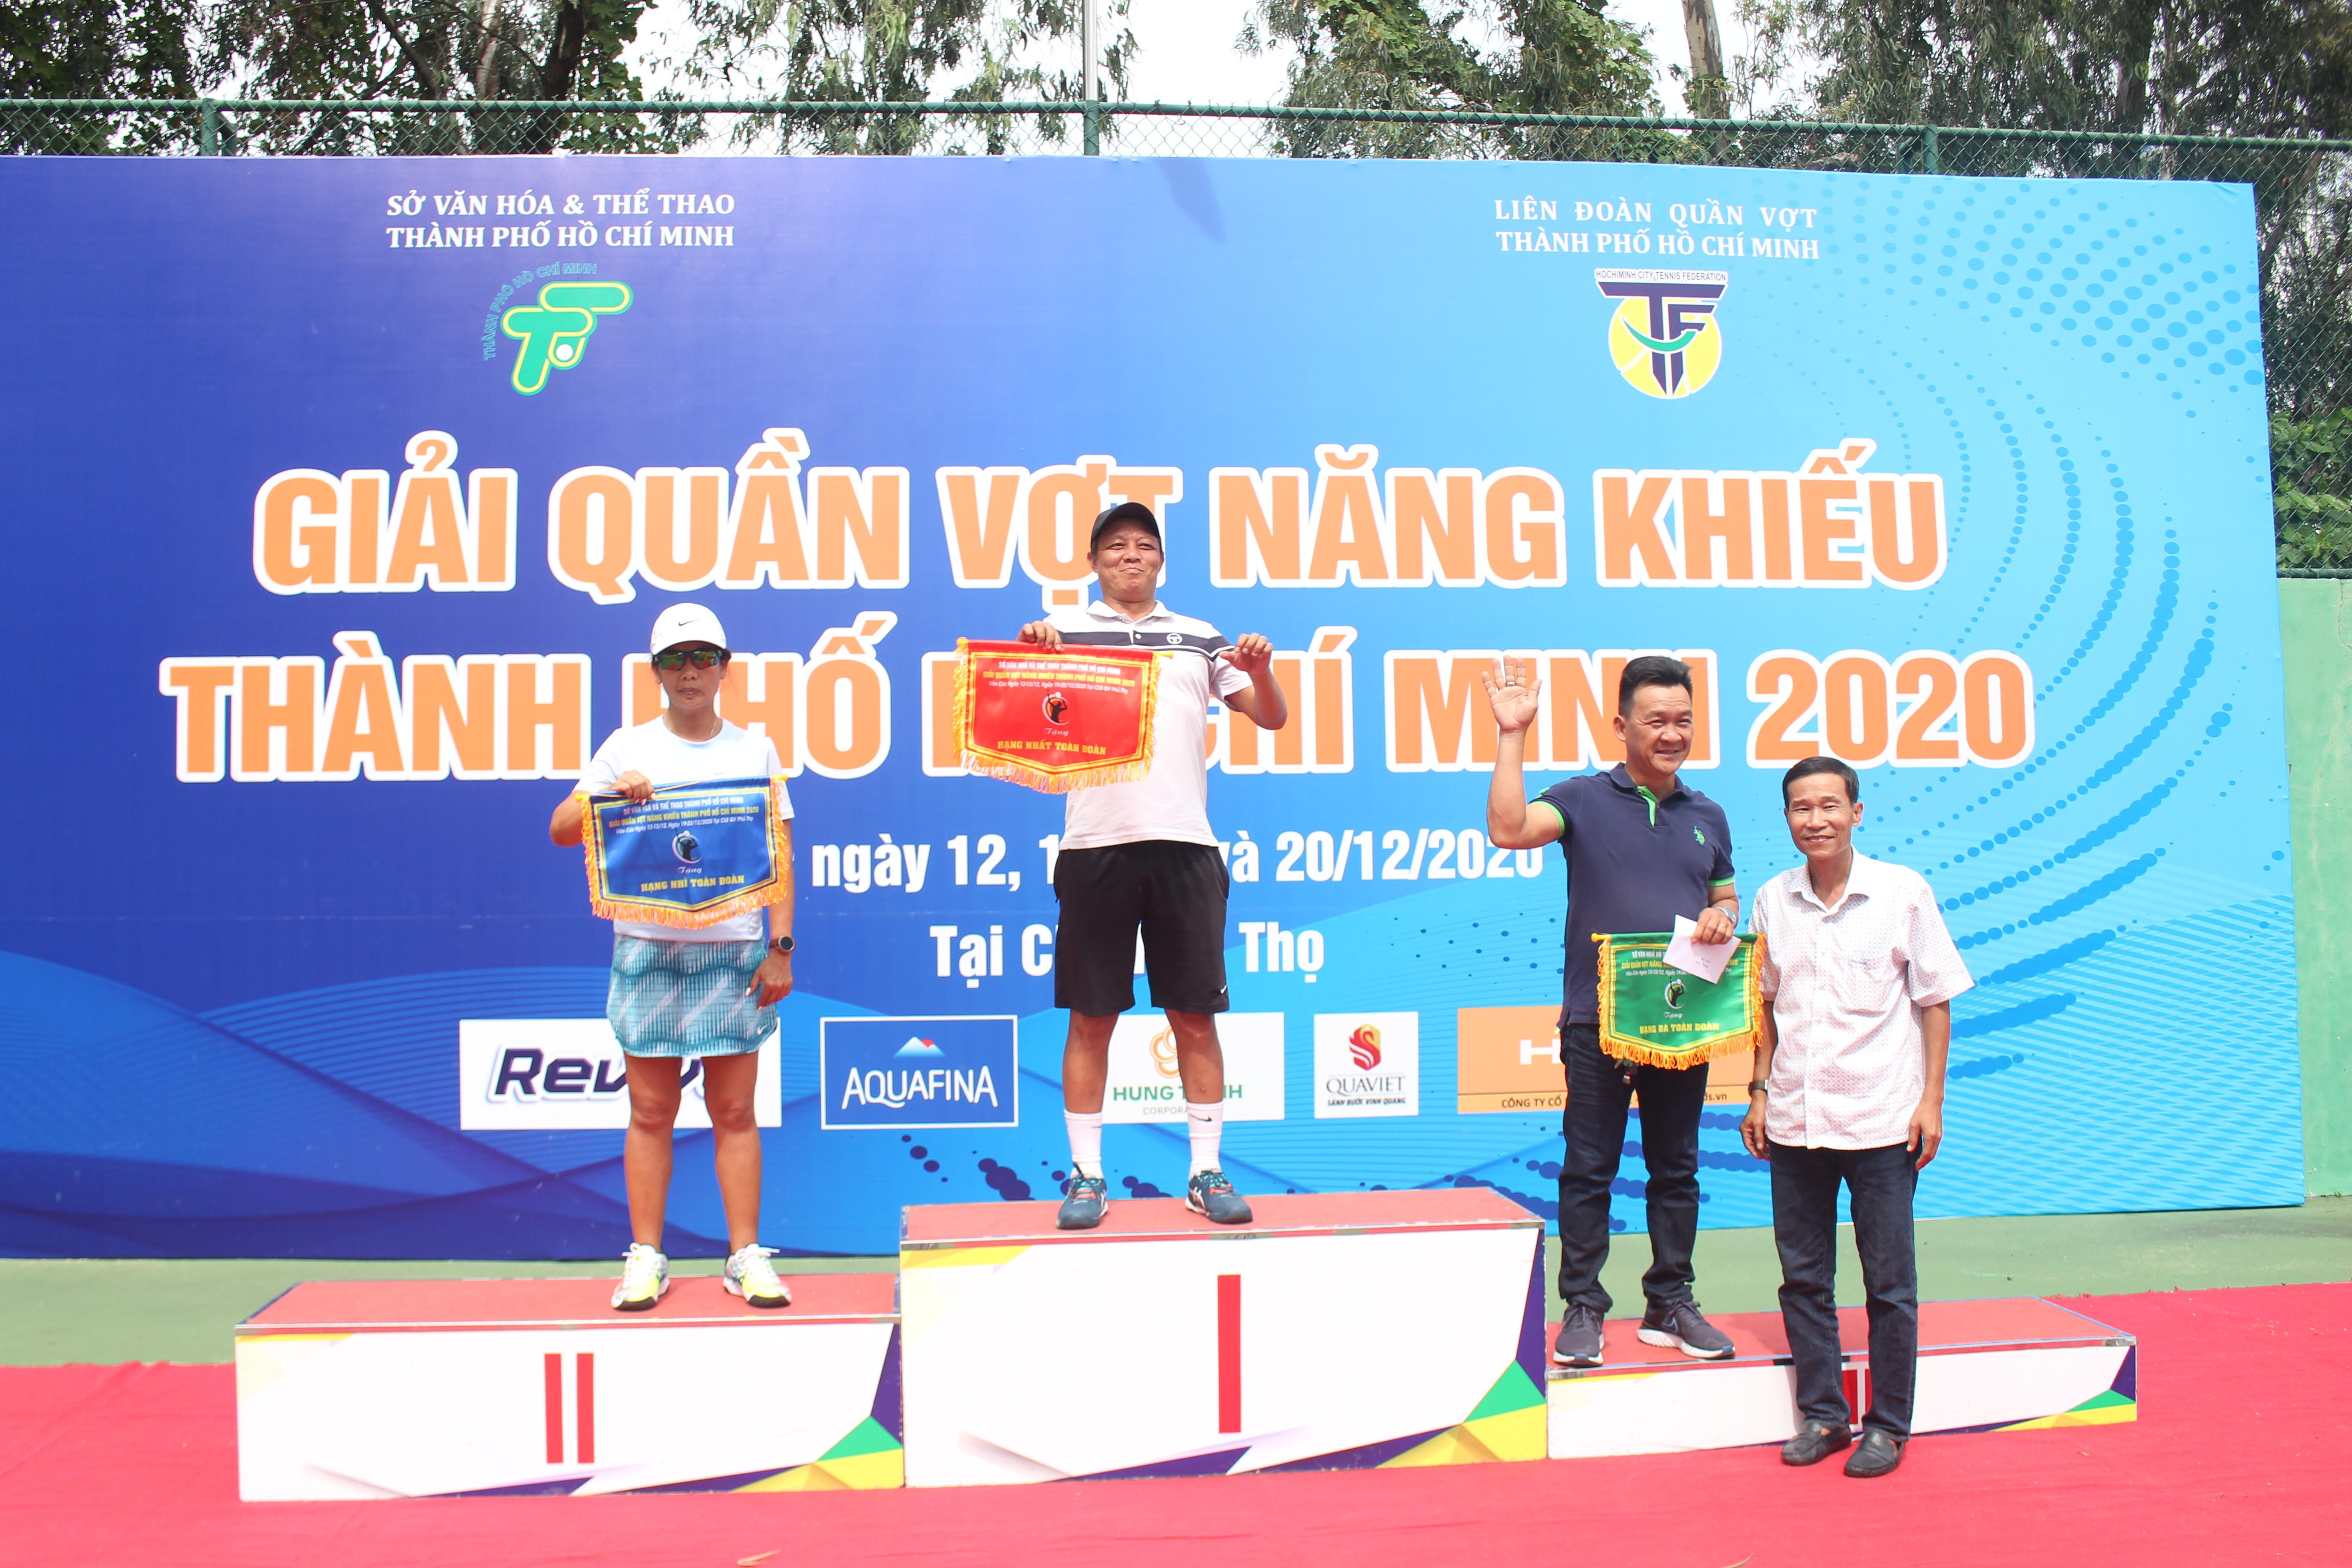 Hình ảnh: Quận 6 nhất toàn đoàn giải quần vợt năng khiếu TP.HCM 2020 số 2